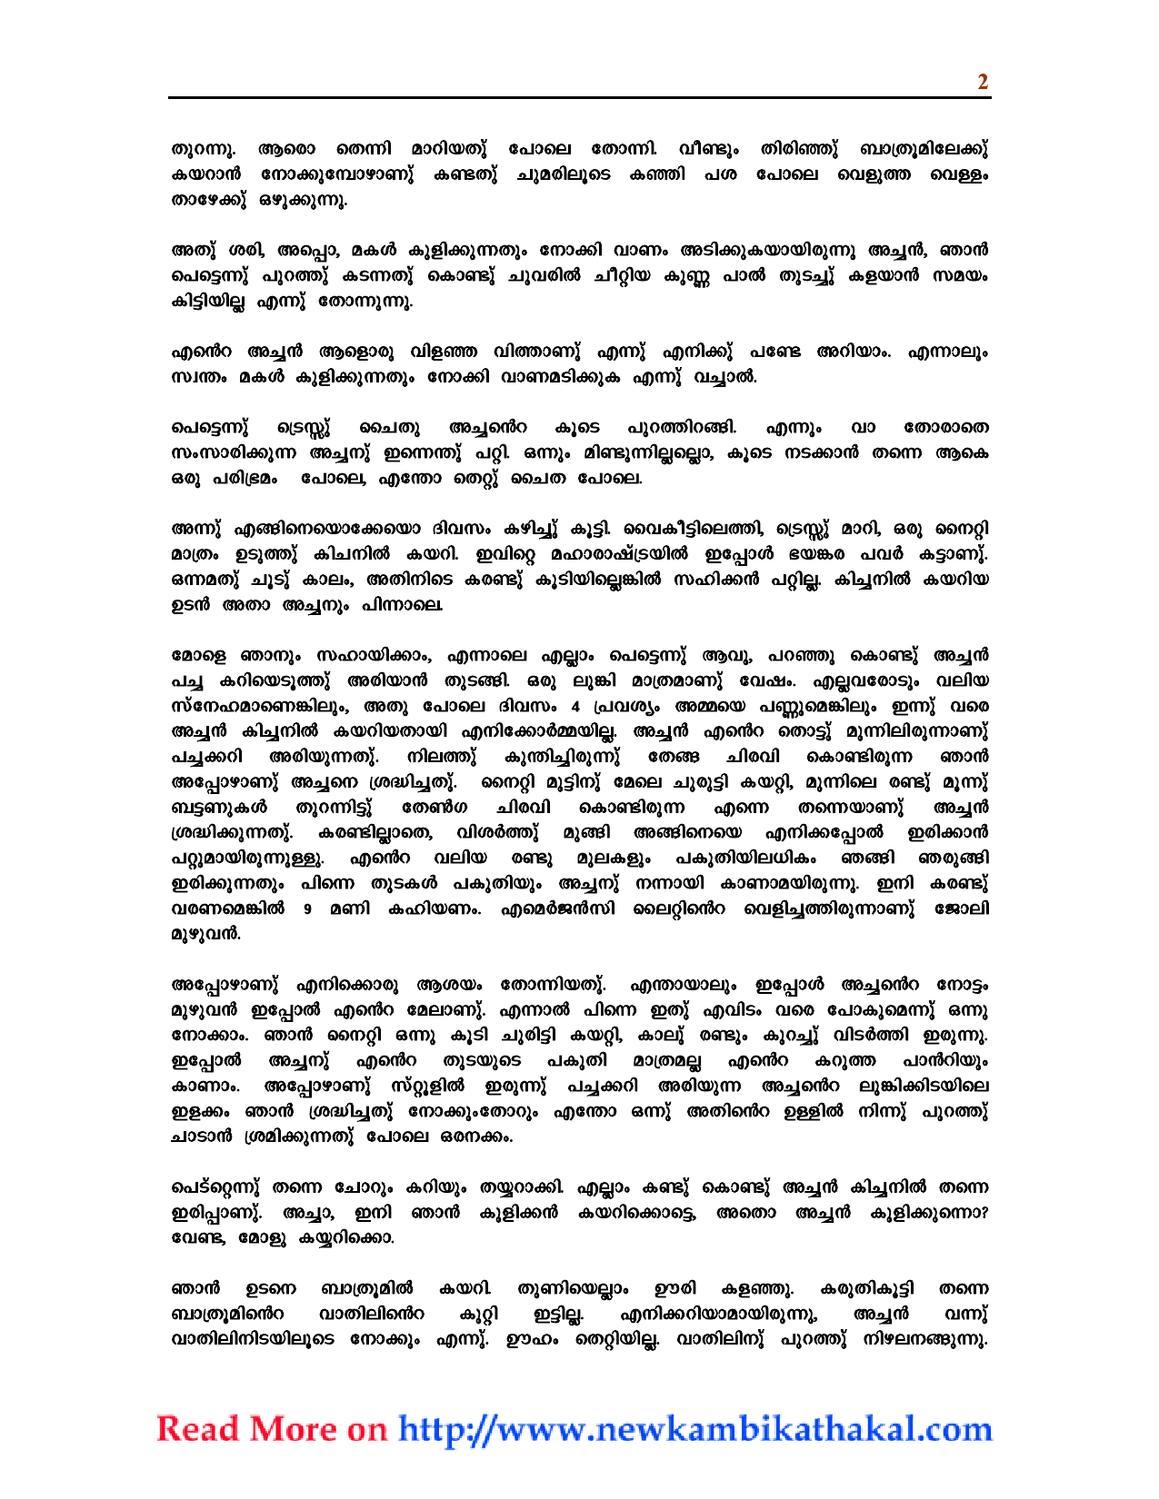 Kathakal novel pdf kambi